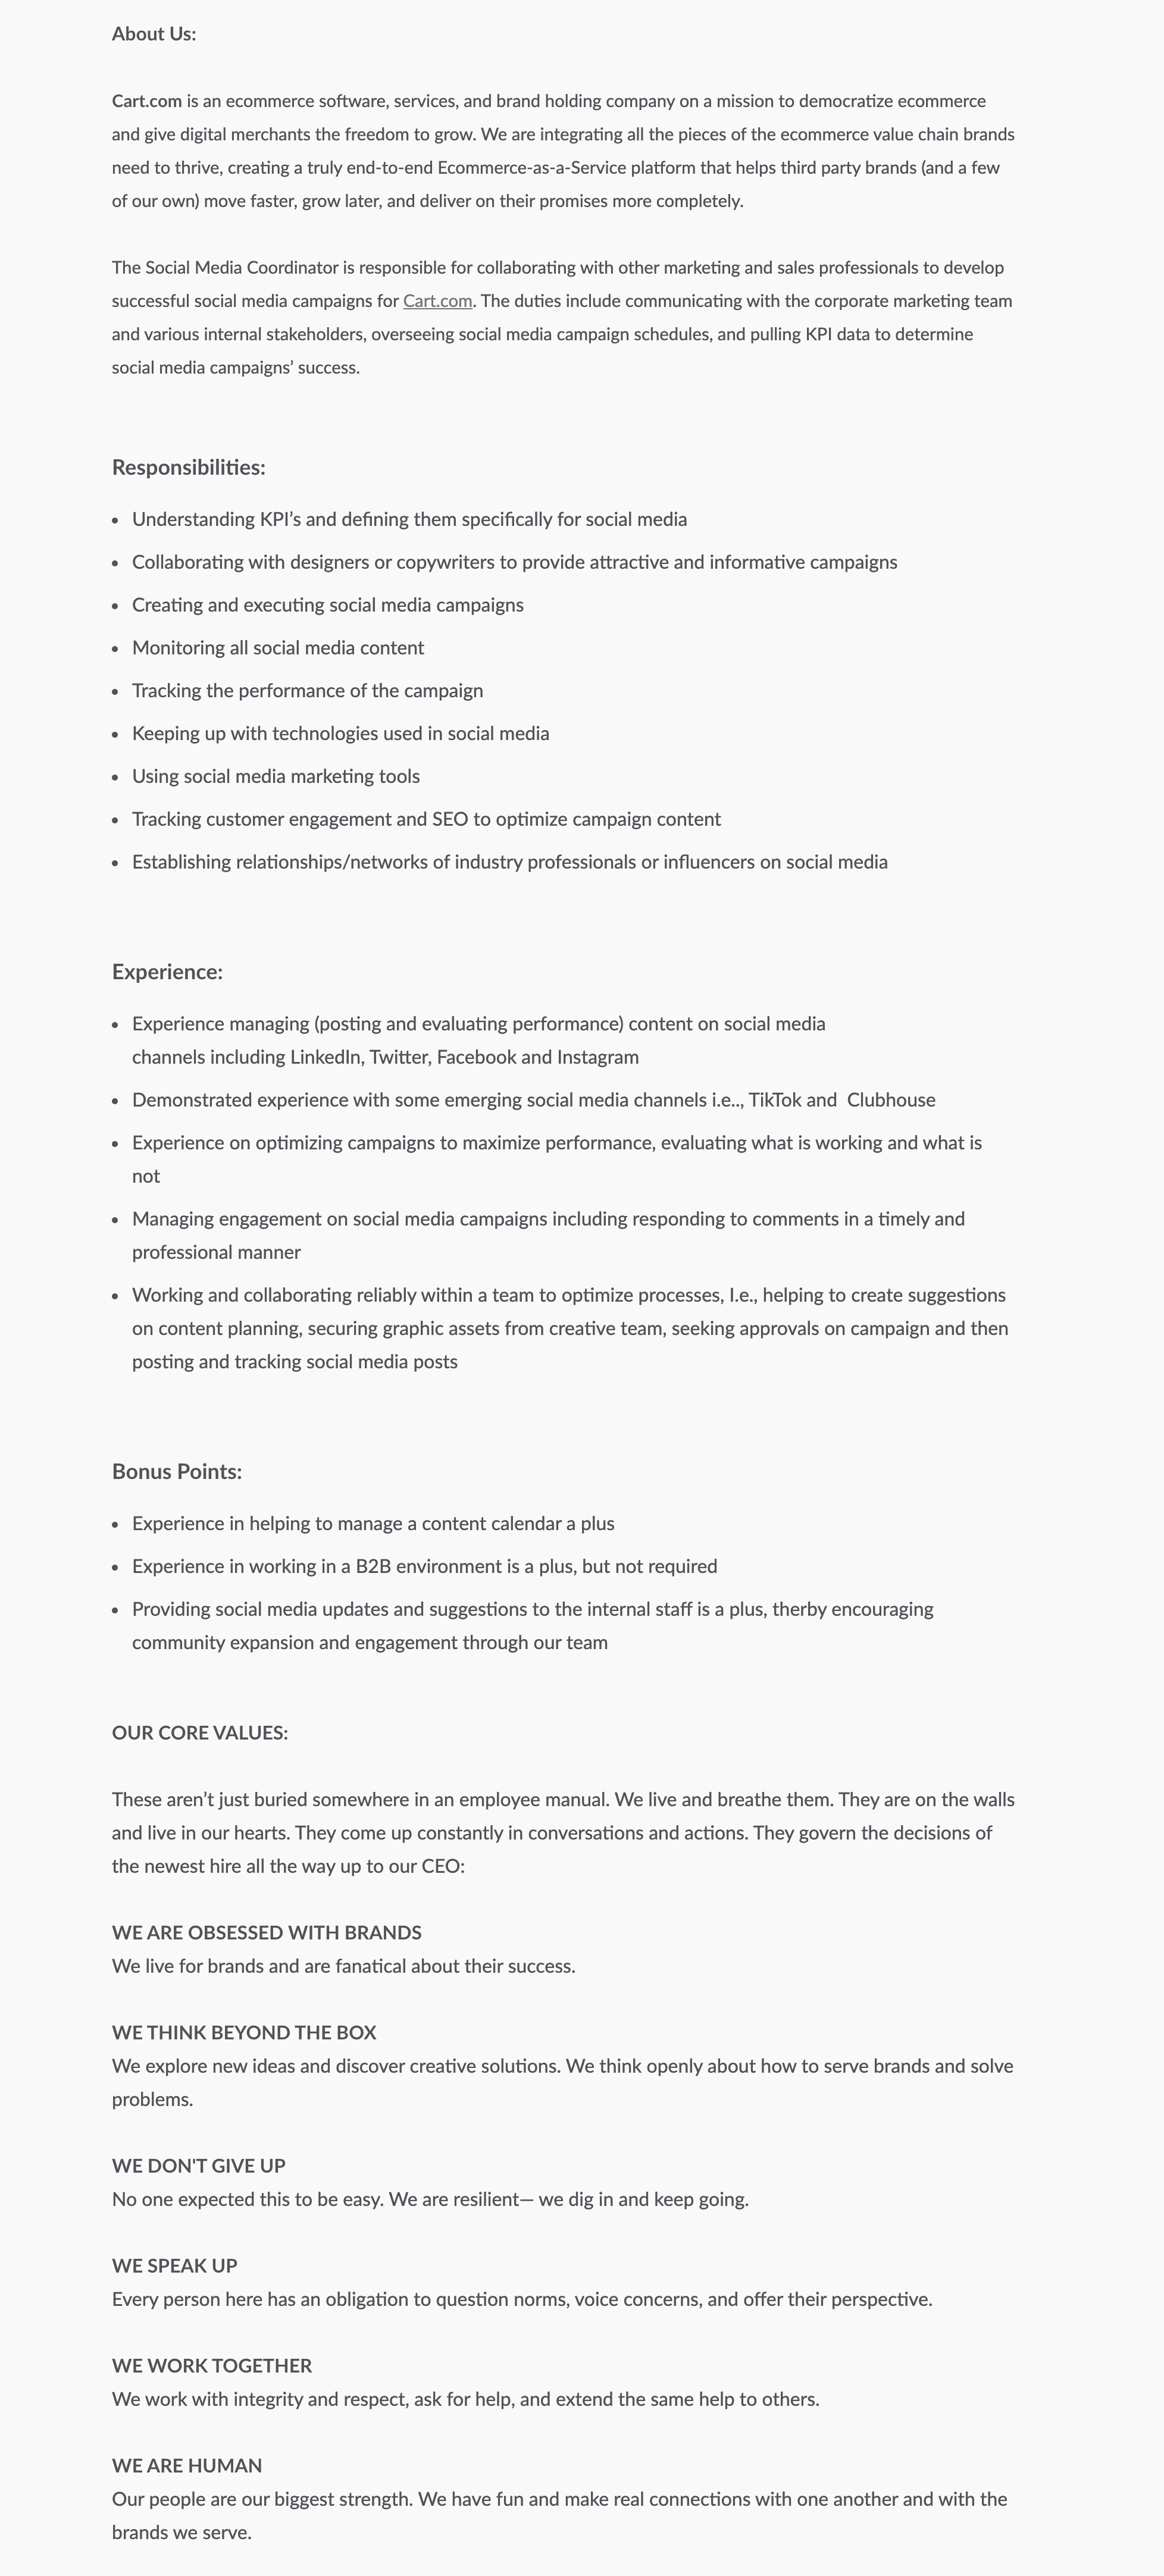 sample job description social media coordinator-cart